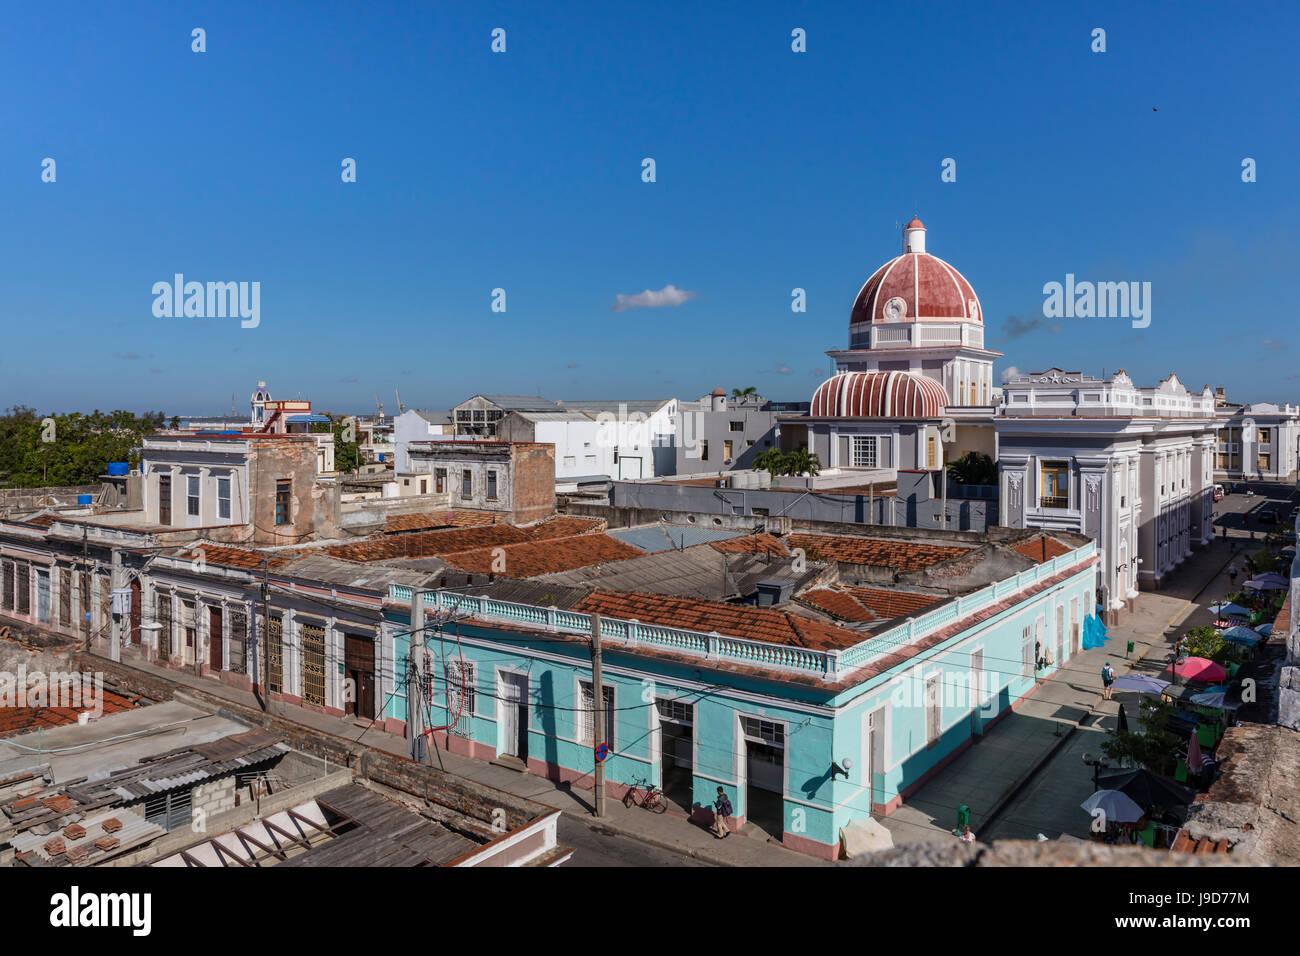 Antiguo Ayuntamiento, accueil de l'édifice du gouvernement provincial à Cienfuegos, l'UNESCO, Cuba, Antilles, Caraïbes Banque D'Images